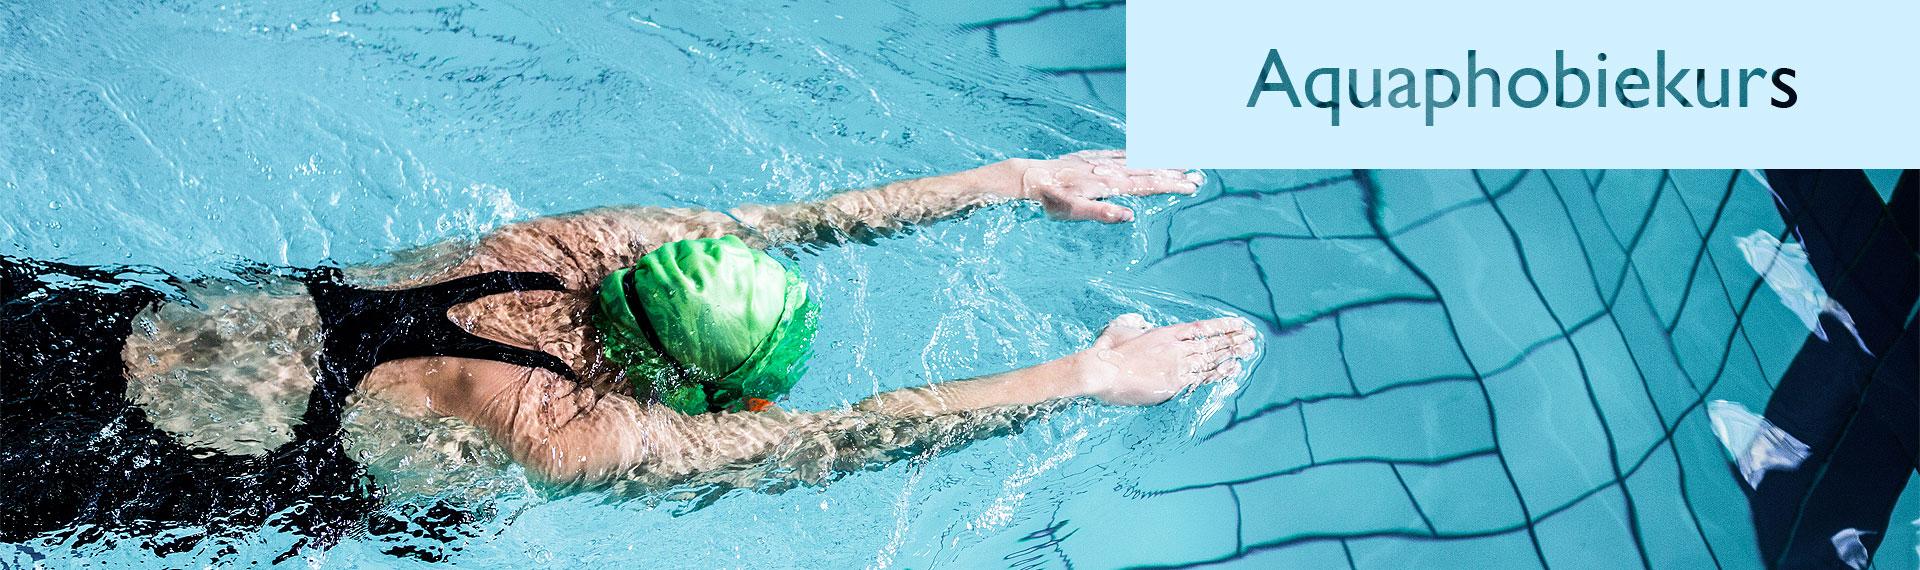 Aquaphobiekurs